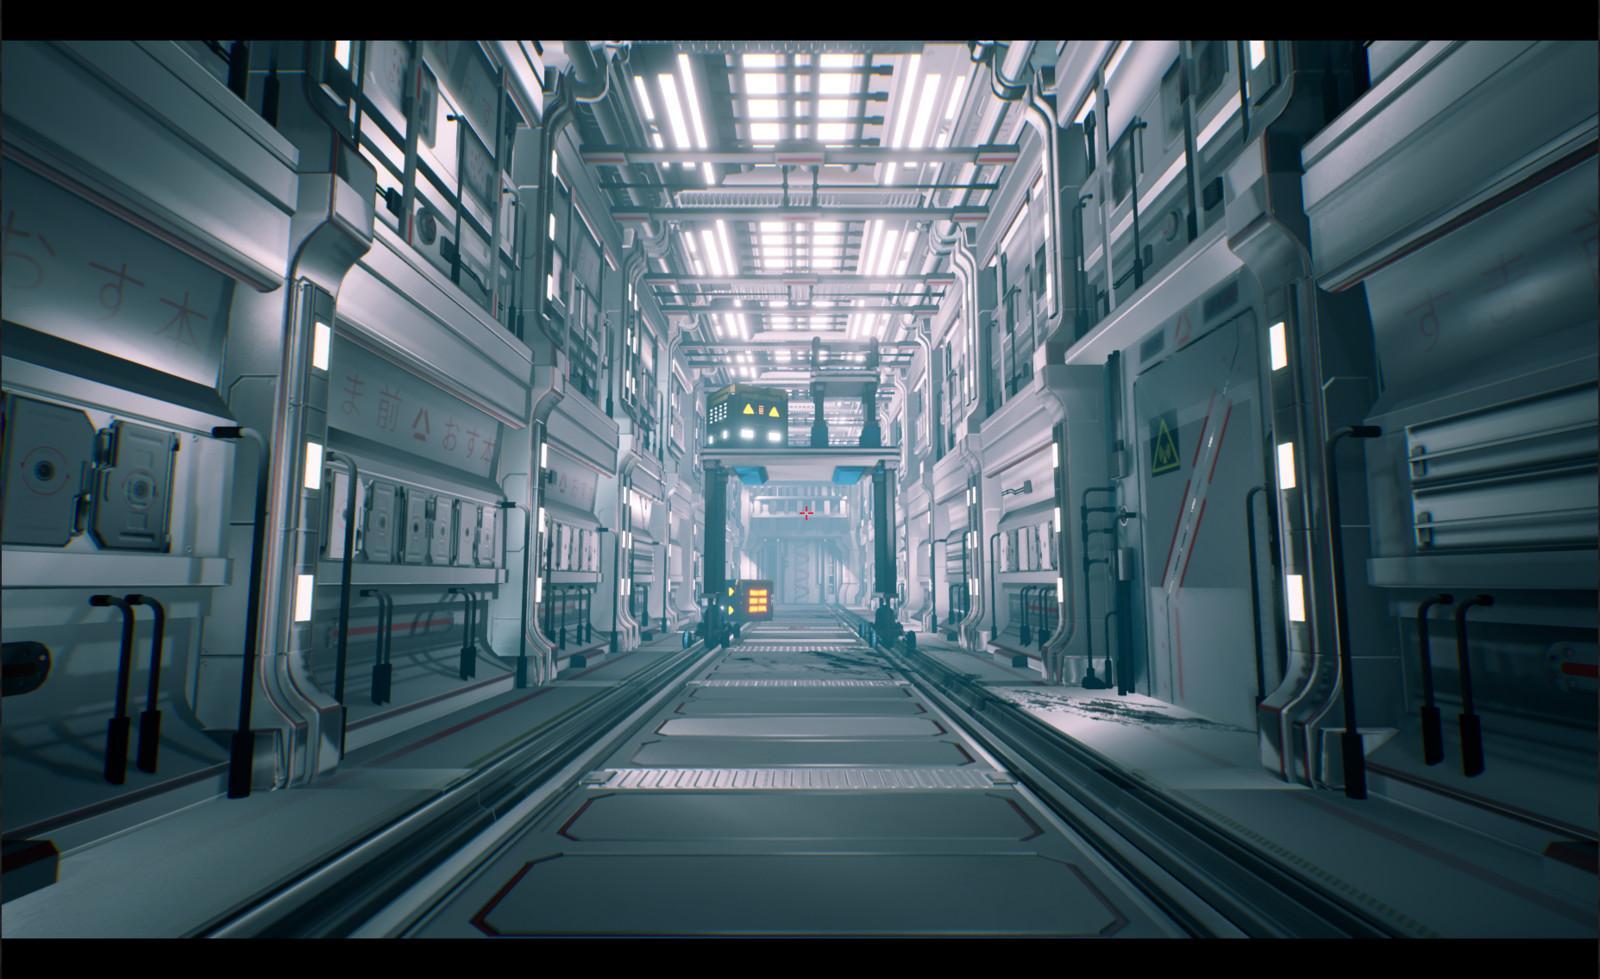 Sci-fi corridor - Wip